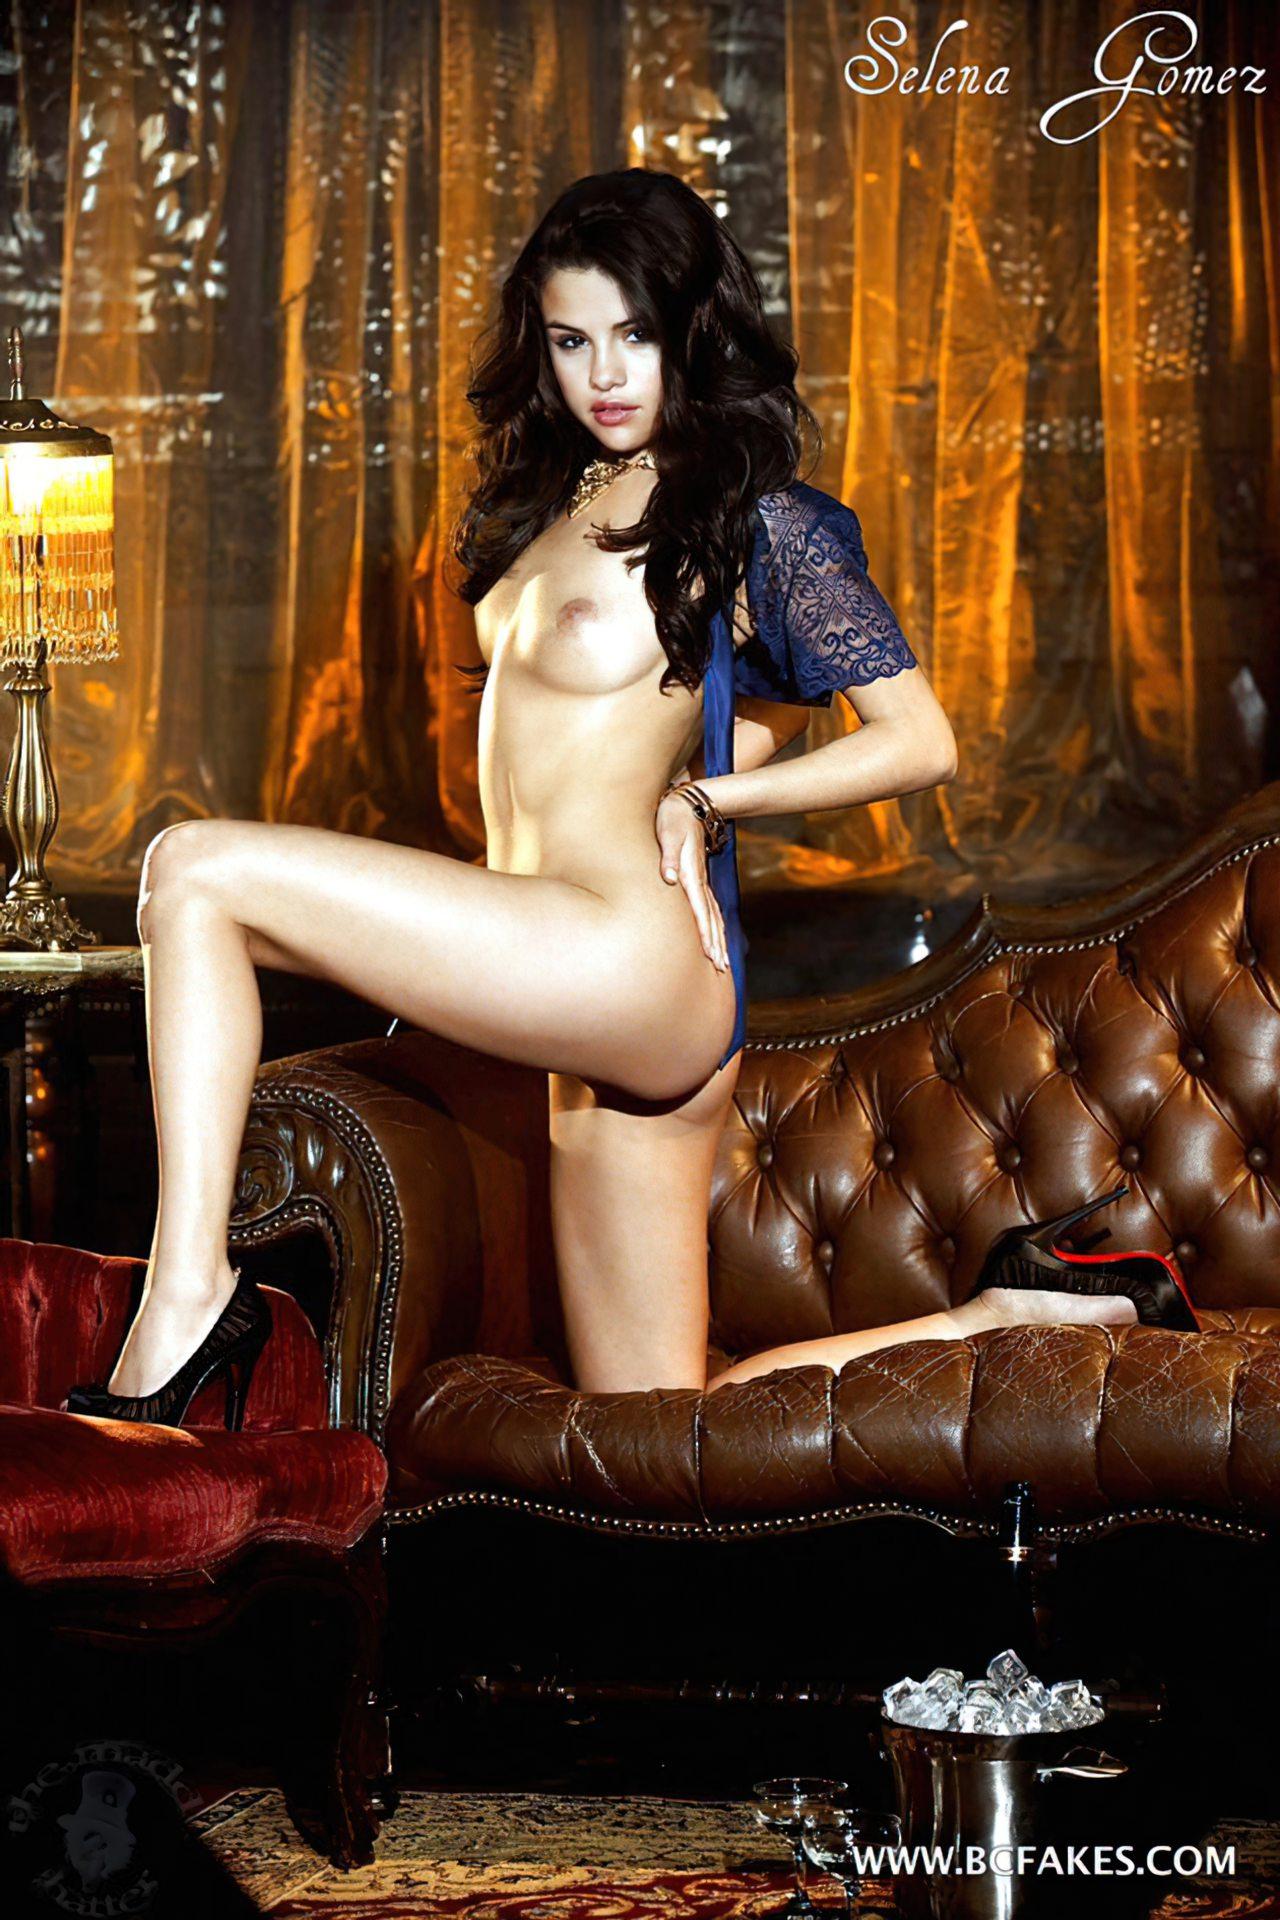 Selena Gomez Pelada (2)